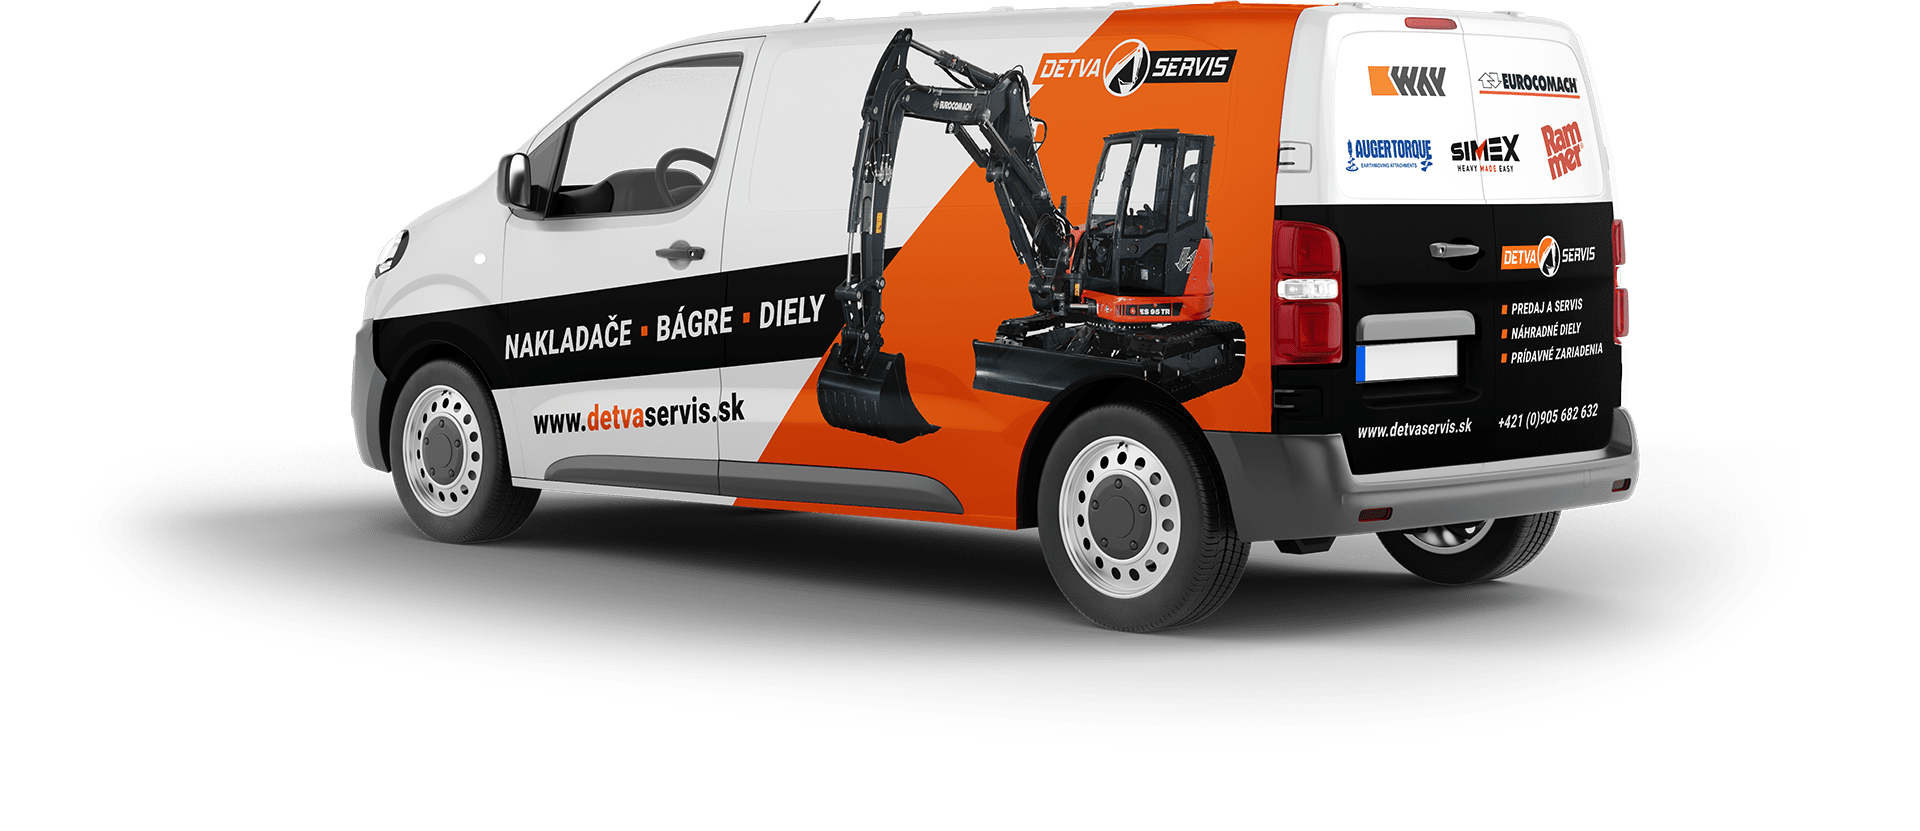 Návrh potlače vozidla pre DETVA Servis | Marketingová agentúra UNIQINO